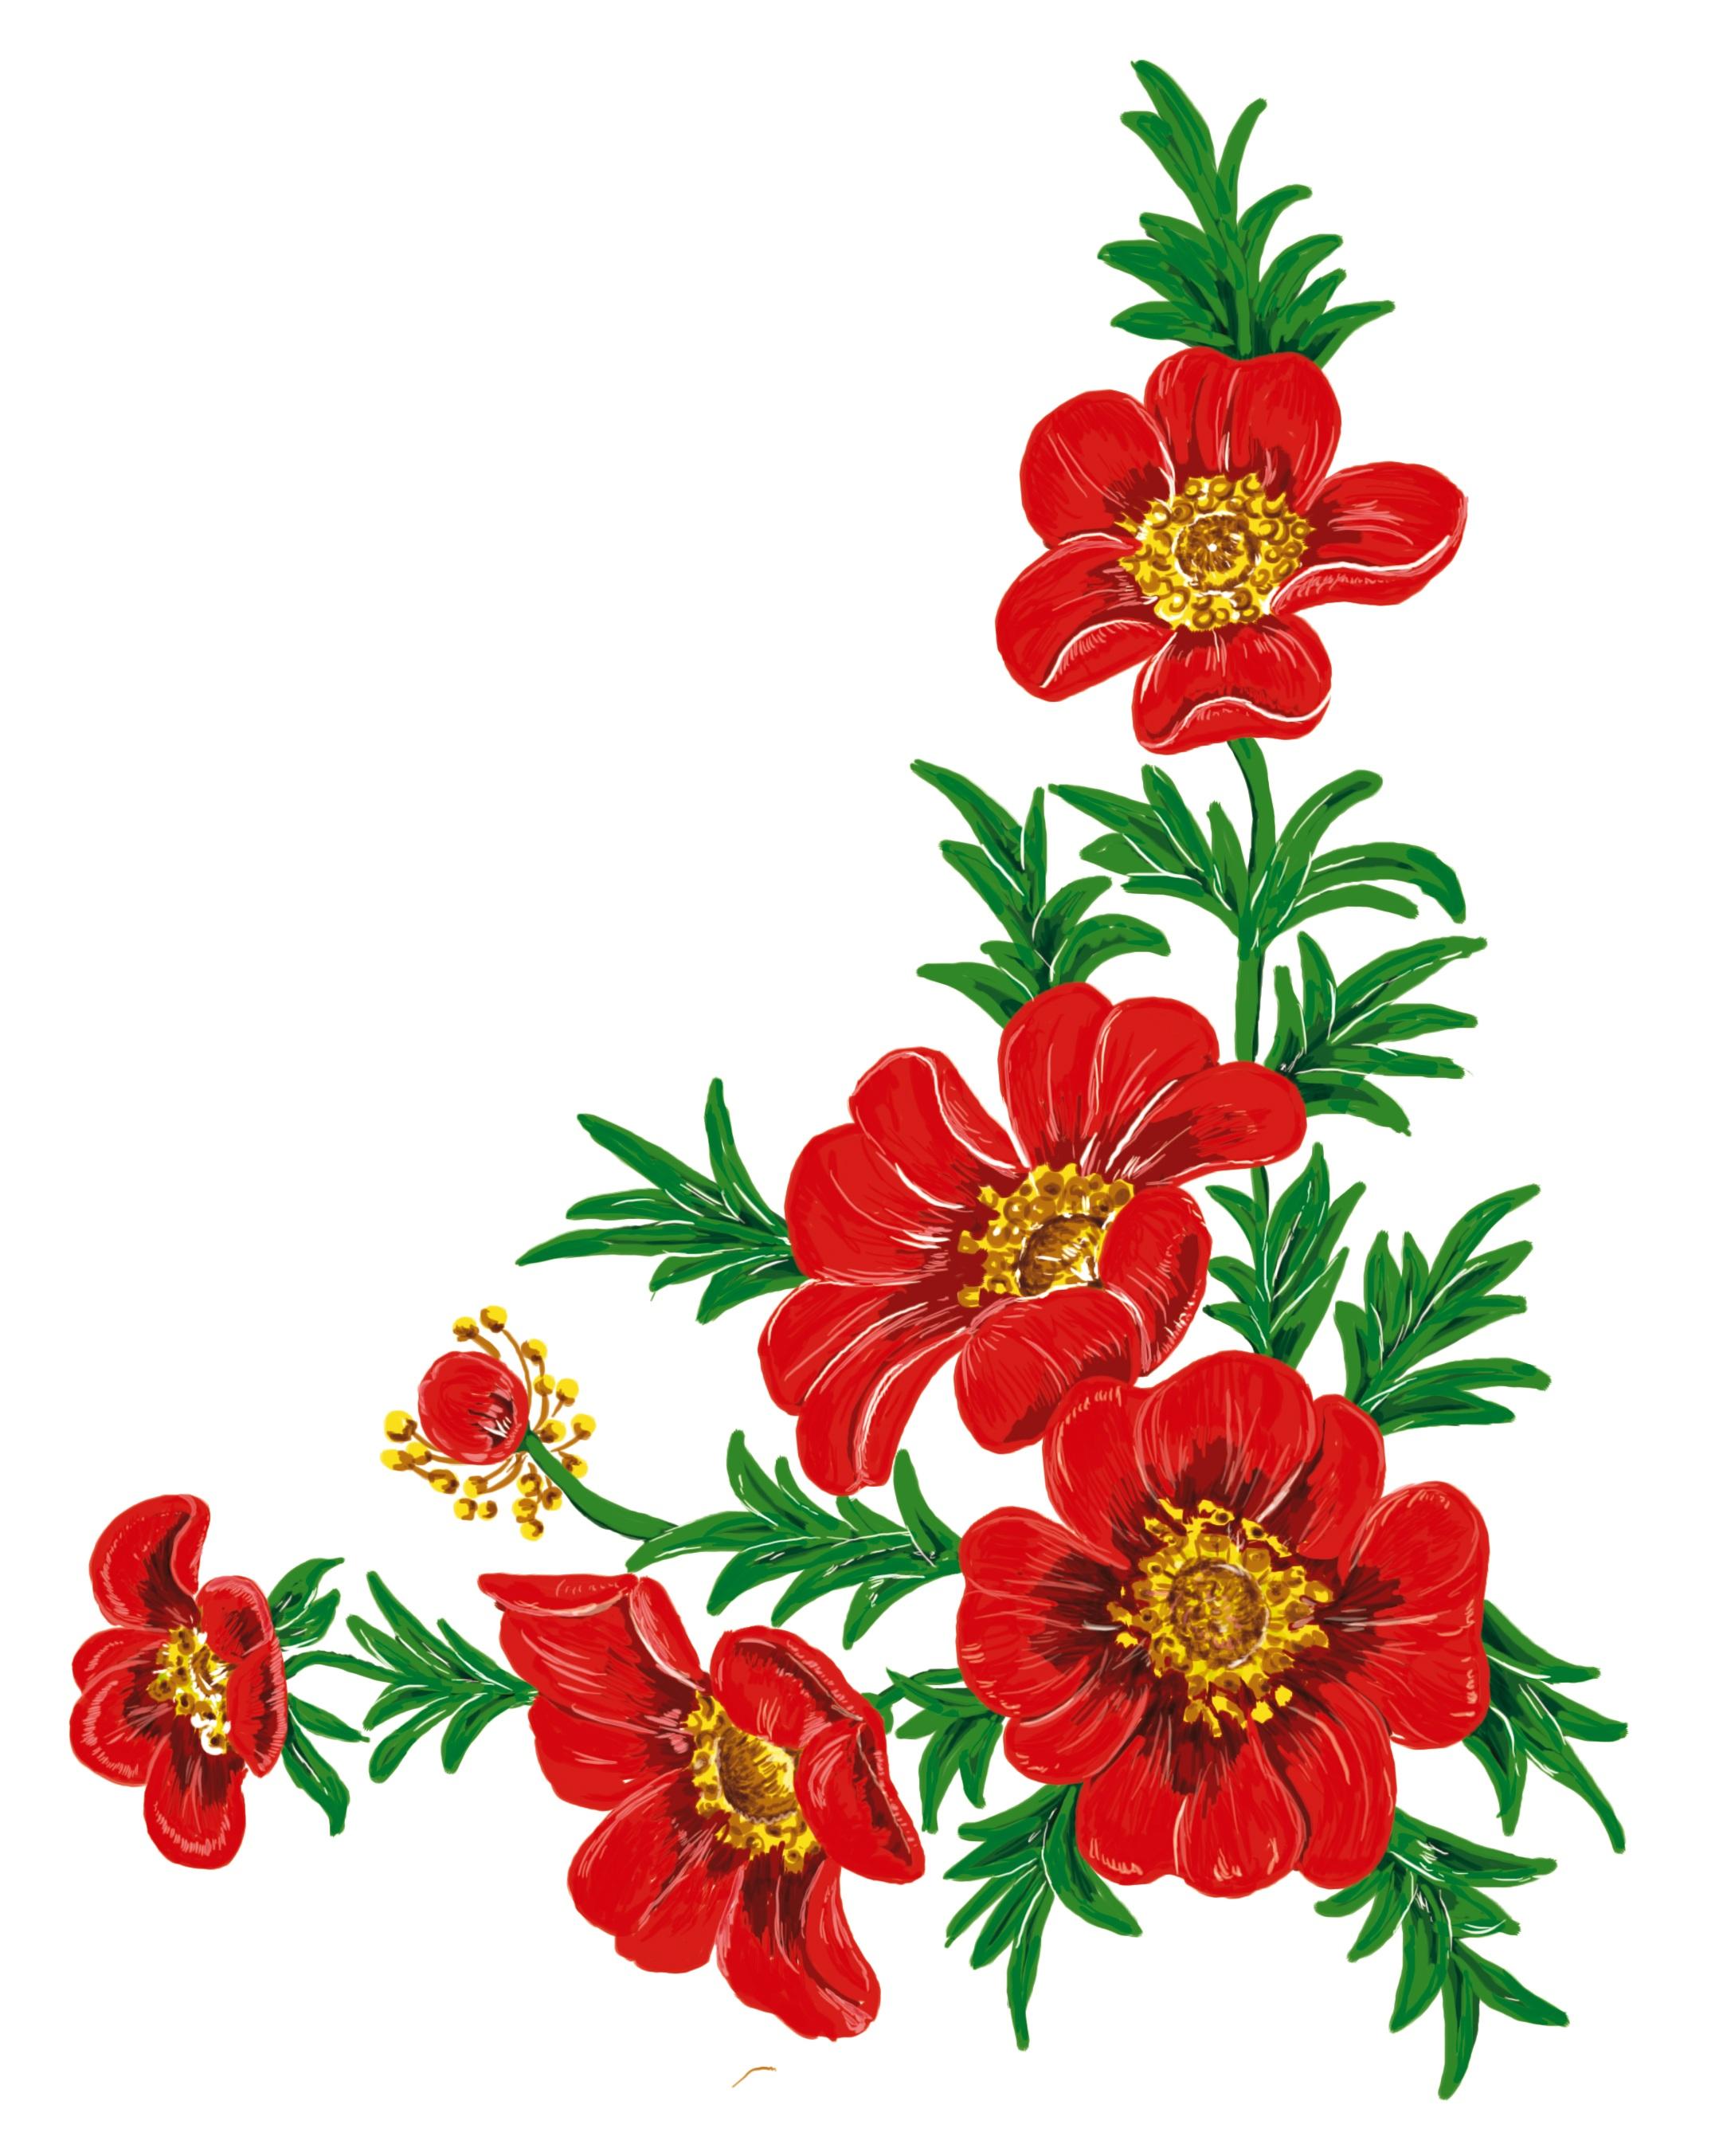 Fotoğraf çiçek Taçyaprağı Kırmızı Boyama Illüstrasyon Gerbera